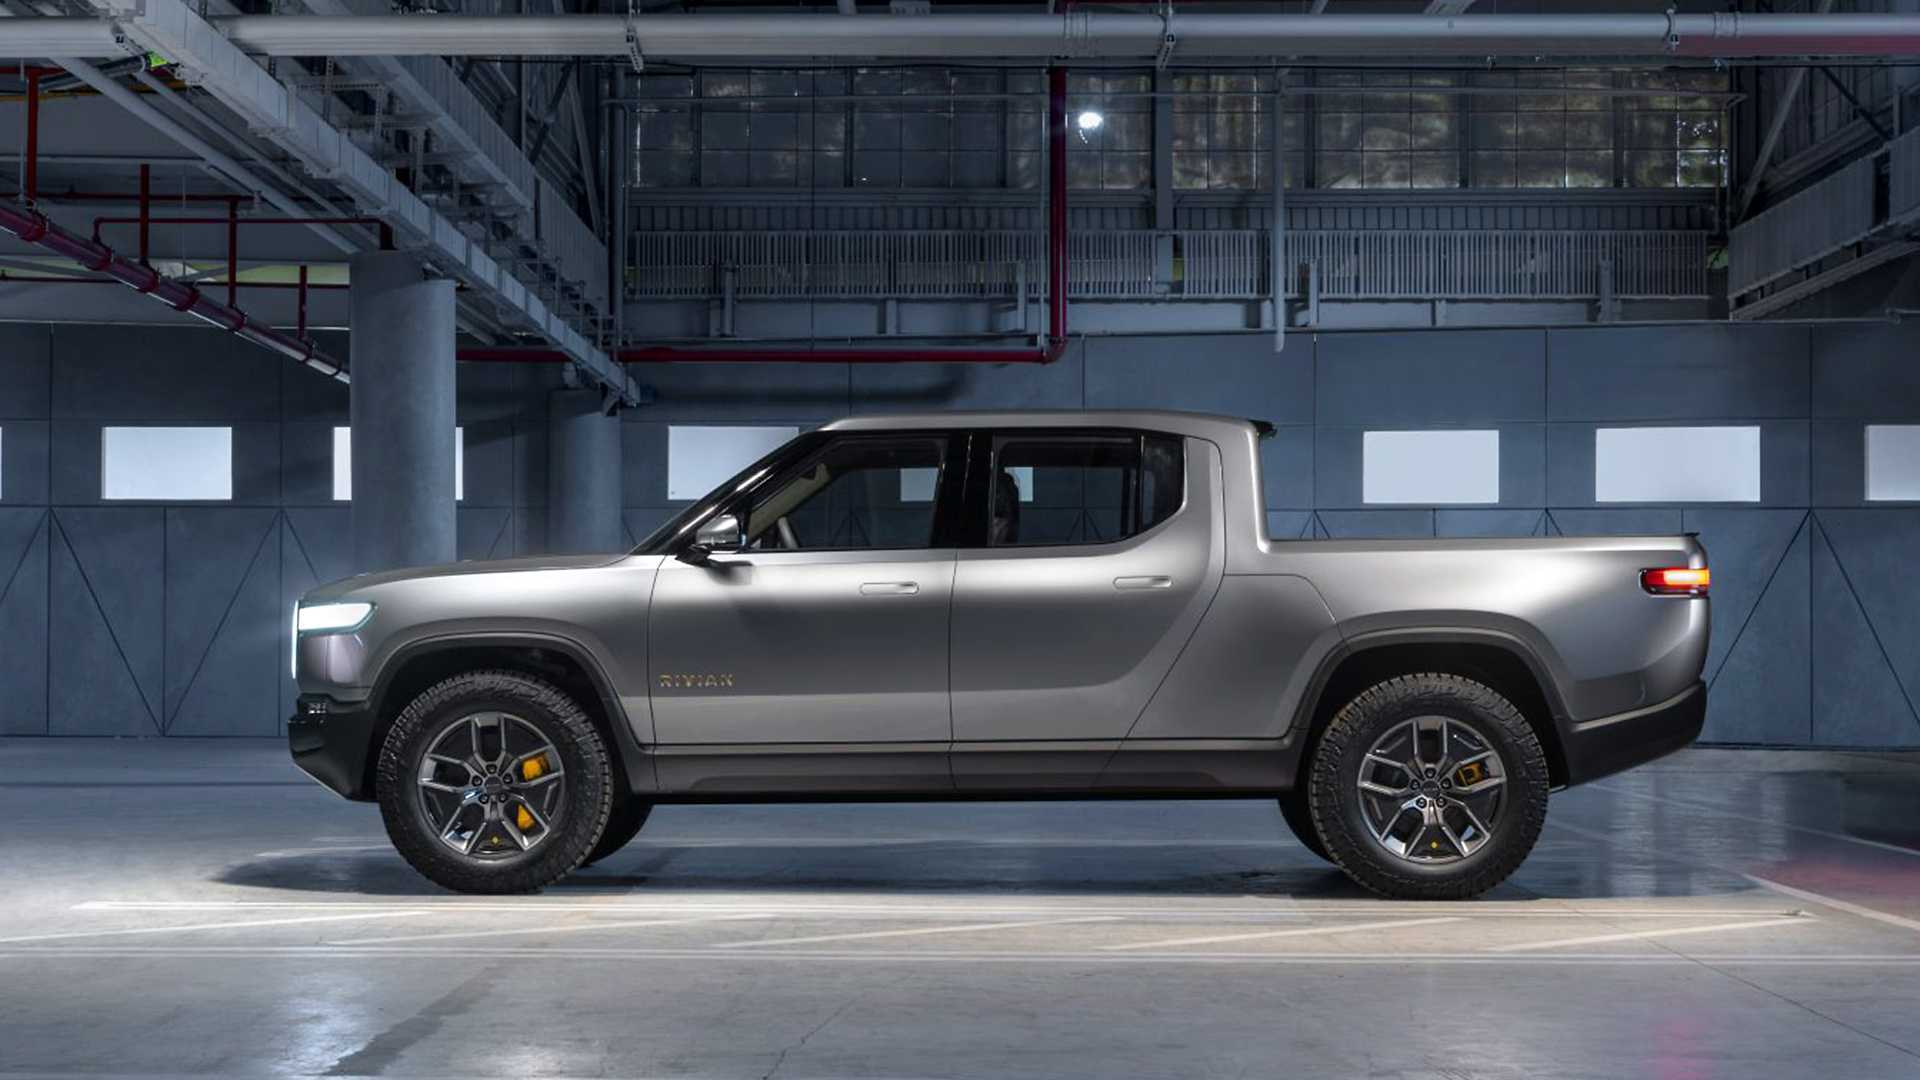 Rivian R1T был представлен в виде концепта еще в 2019 году, а теперь он стал, наконец, серийным. Первые экземпляры сошли с конвейера на заводе в Иллинойсе. Об этом сообщил основатель бренда.